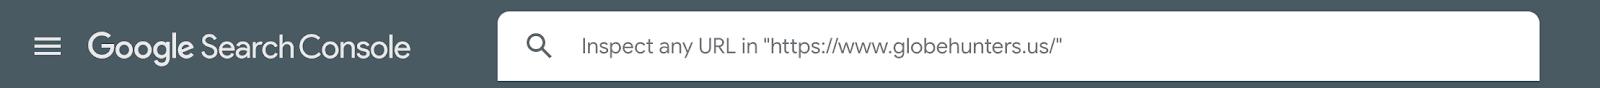 Cómo enviar una URL o web a motores de búsqueda como Google, Bing o Yahoo (guía paso a paso). Imagen 0